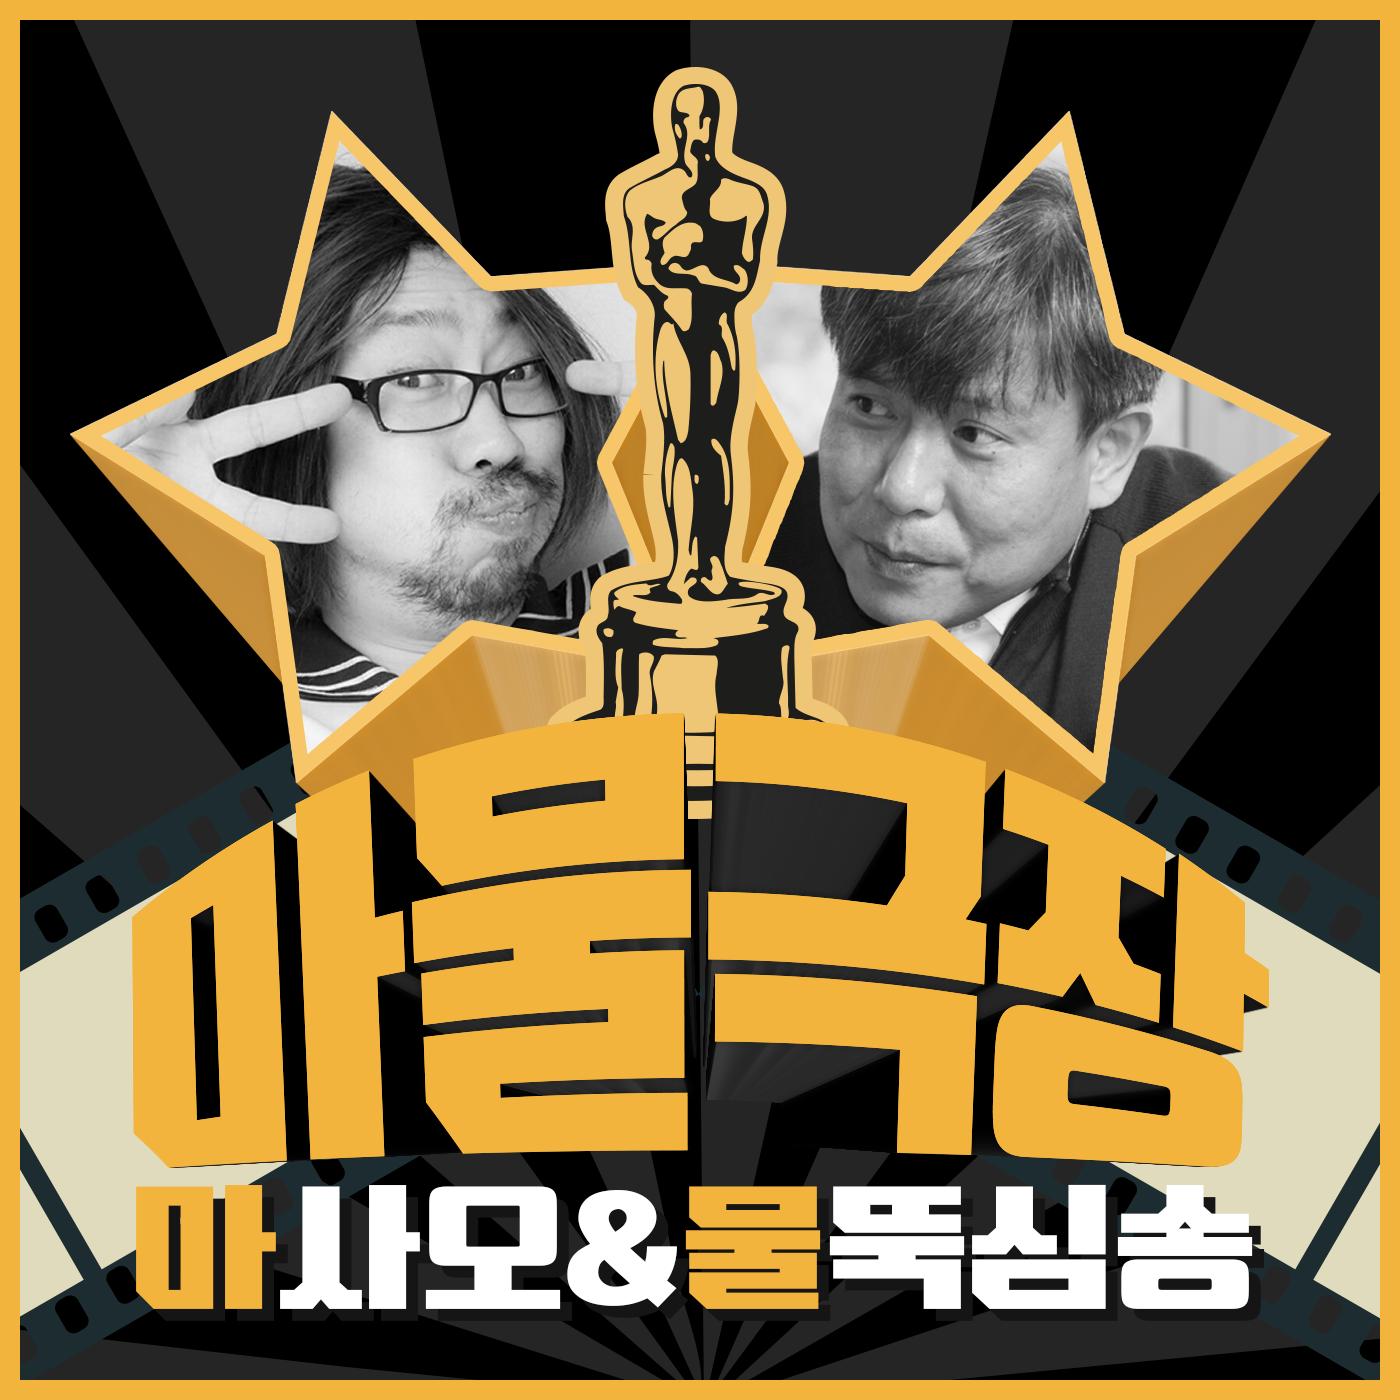 [국민라디오] 마사오와 물뚝심송의 명화극장 - 마물극장